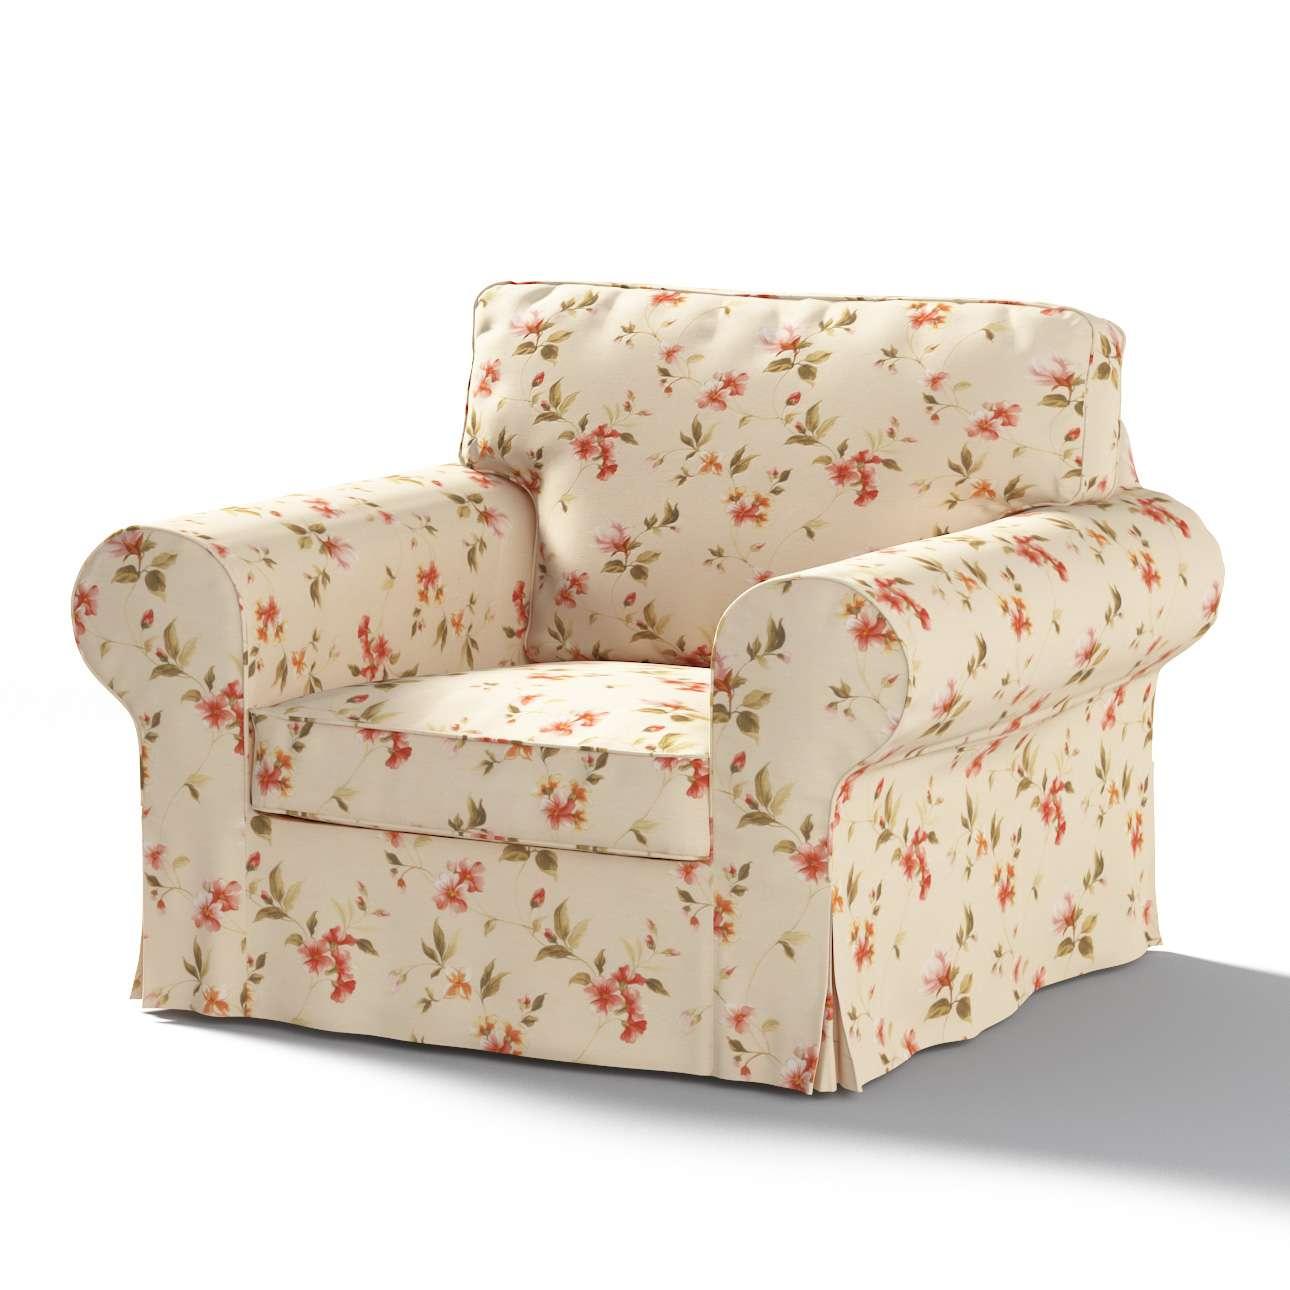 Ektorp Sesselbezug, beige, Sesselhusse, Ektorp Sessel, Londres | Heimtextilien > Hussen und Überwürfe | Glanz | Stoff | Dekoria